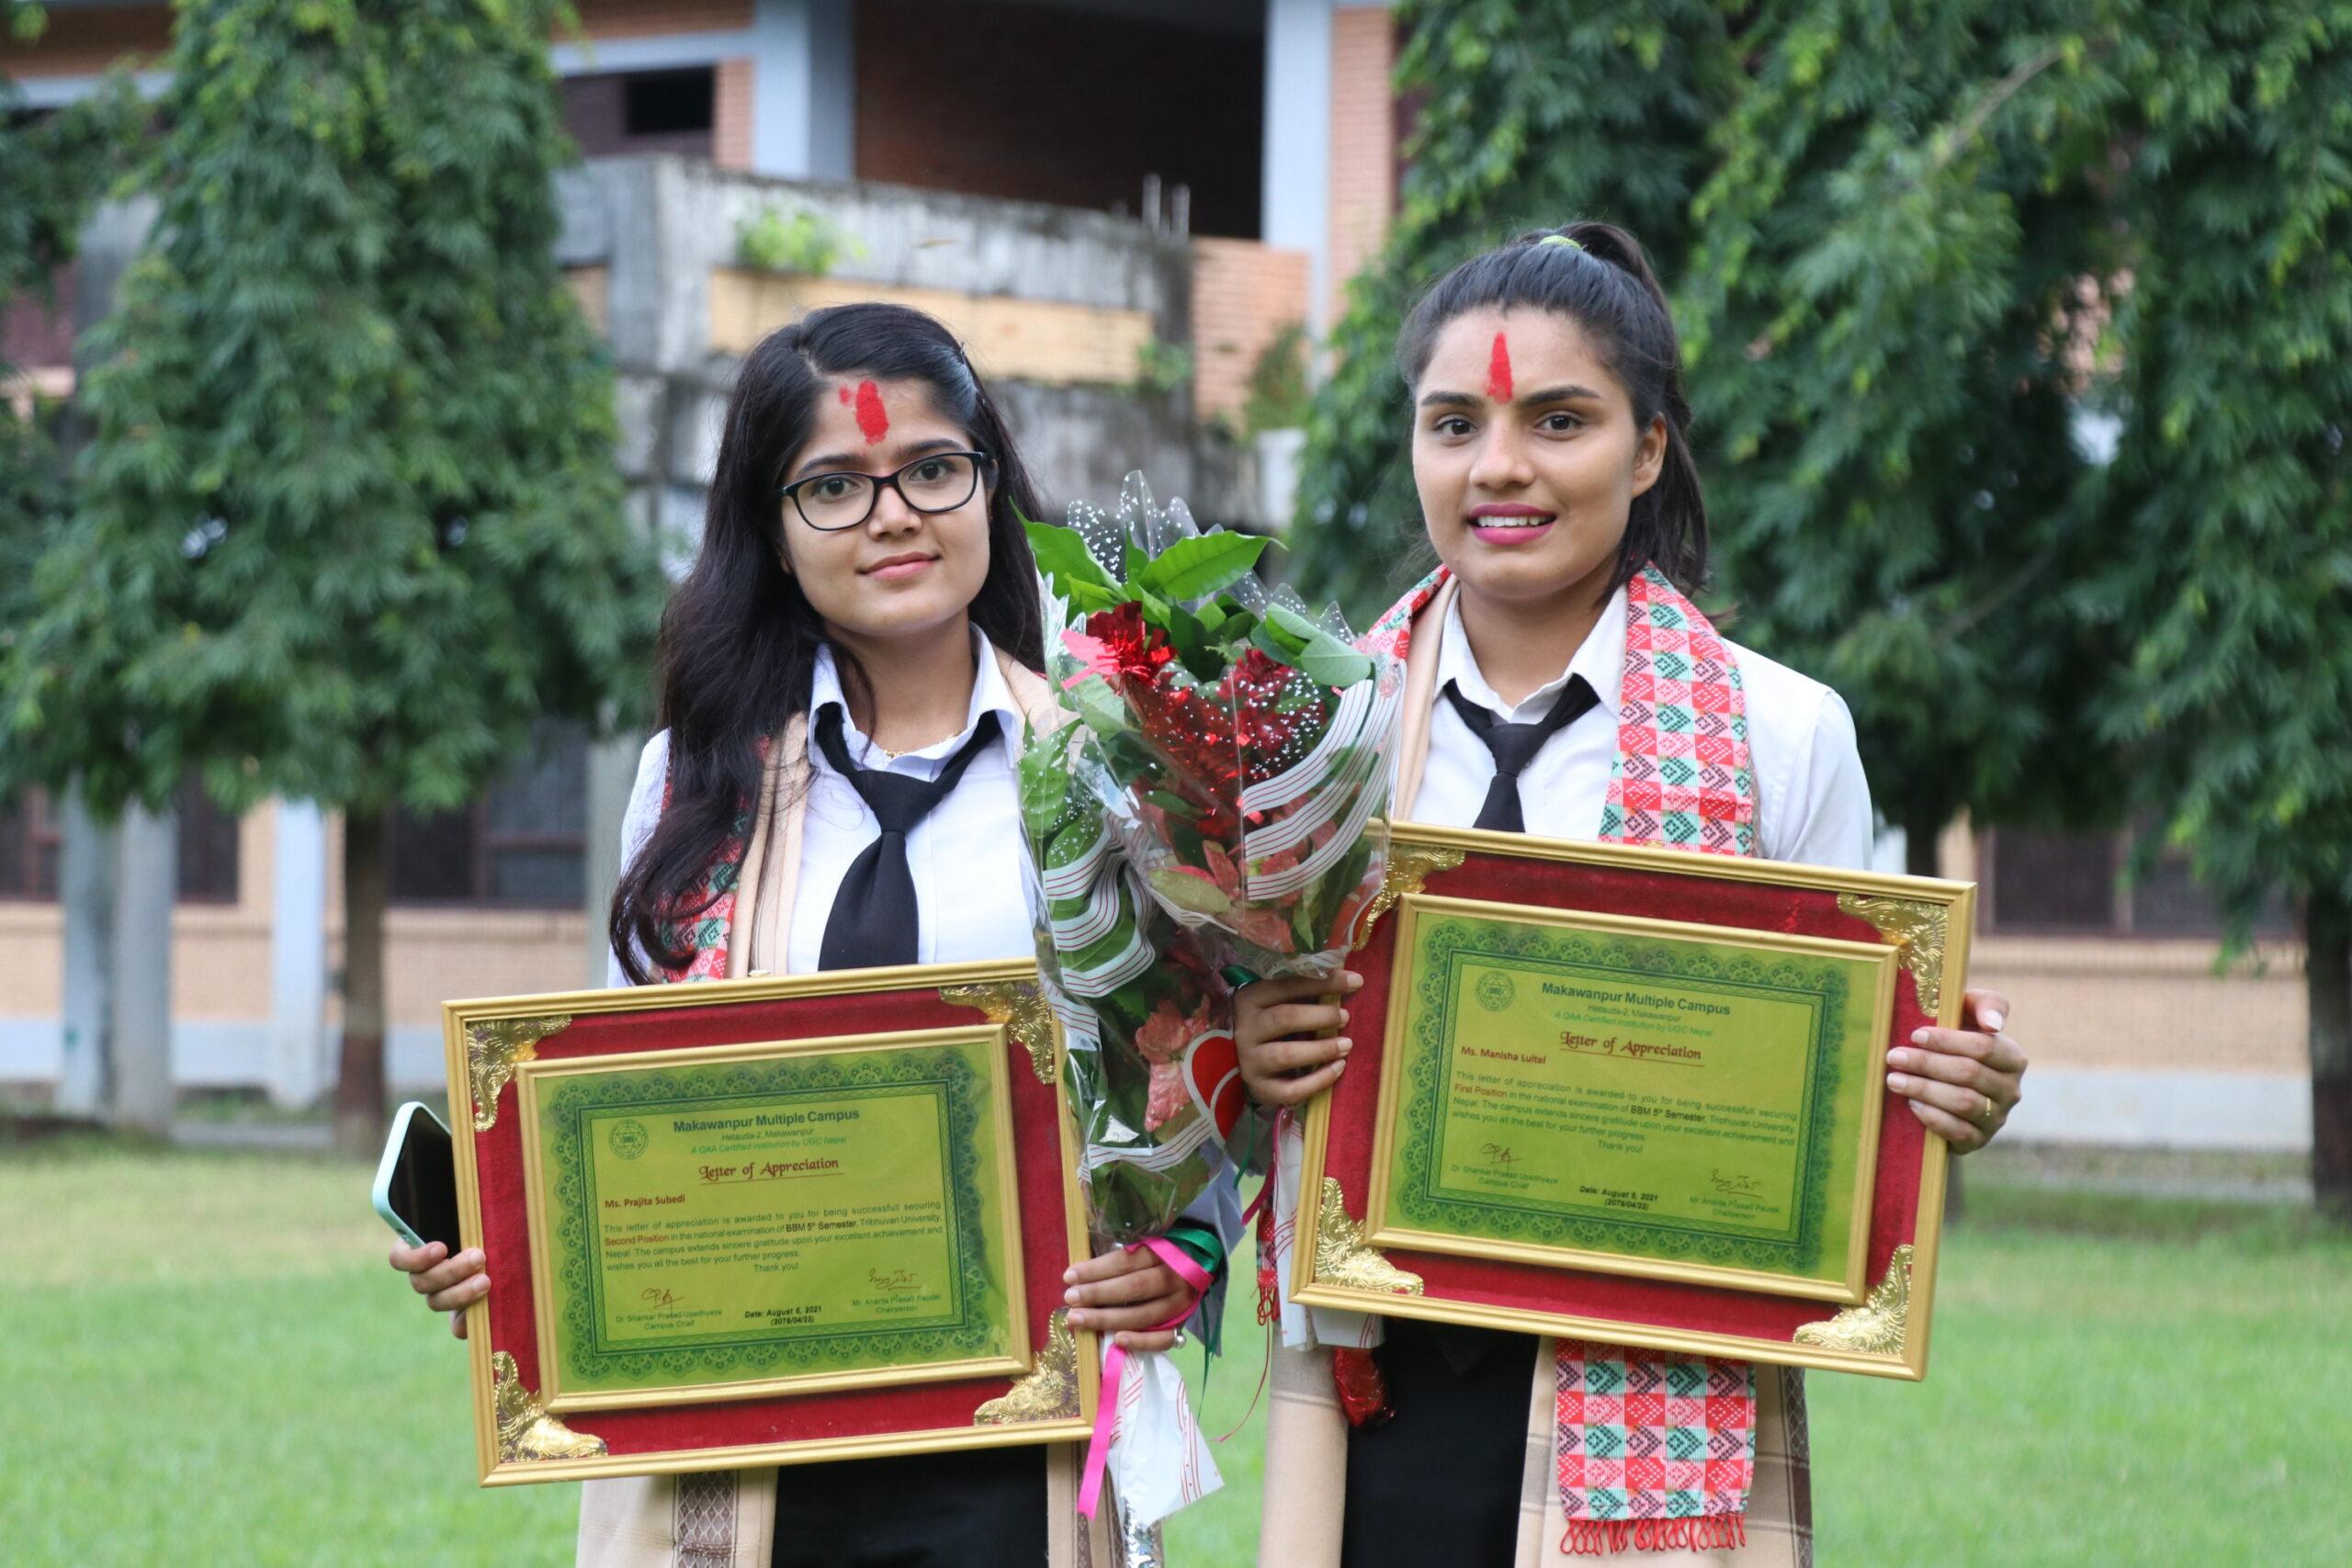 मकवानपुर बहुमुखी क्याम्पसमा अध्ययनरत छात्रा बीबीएममा नेपाल प्रथम